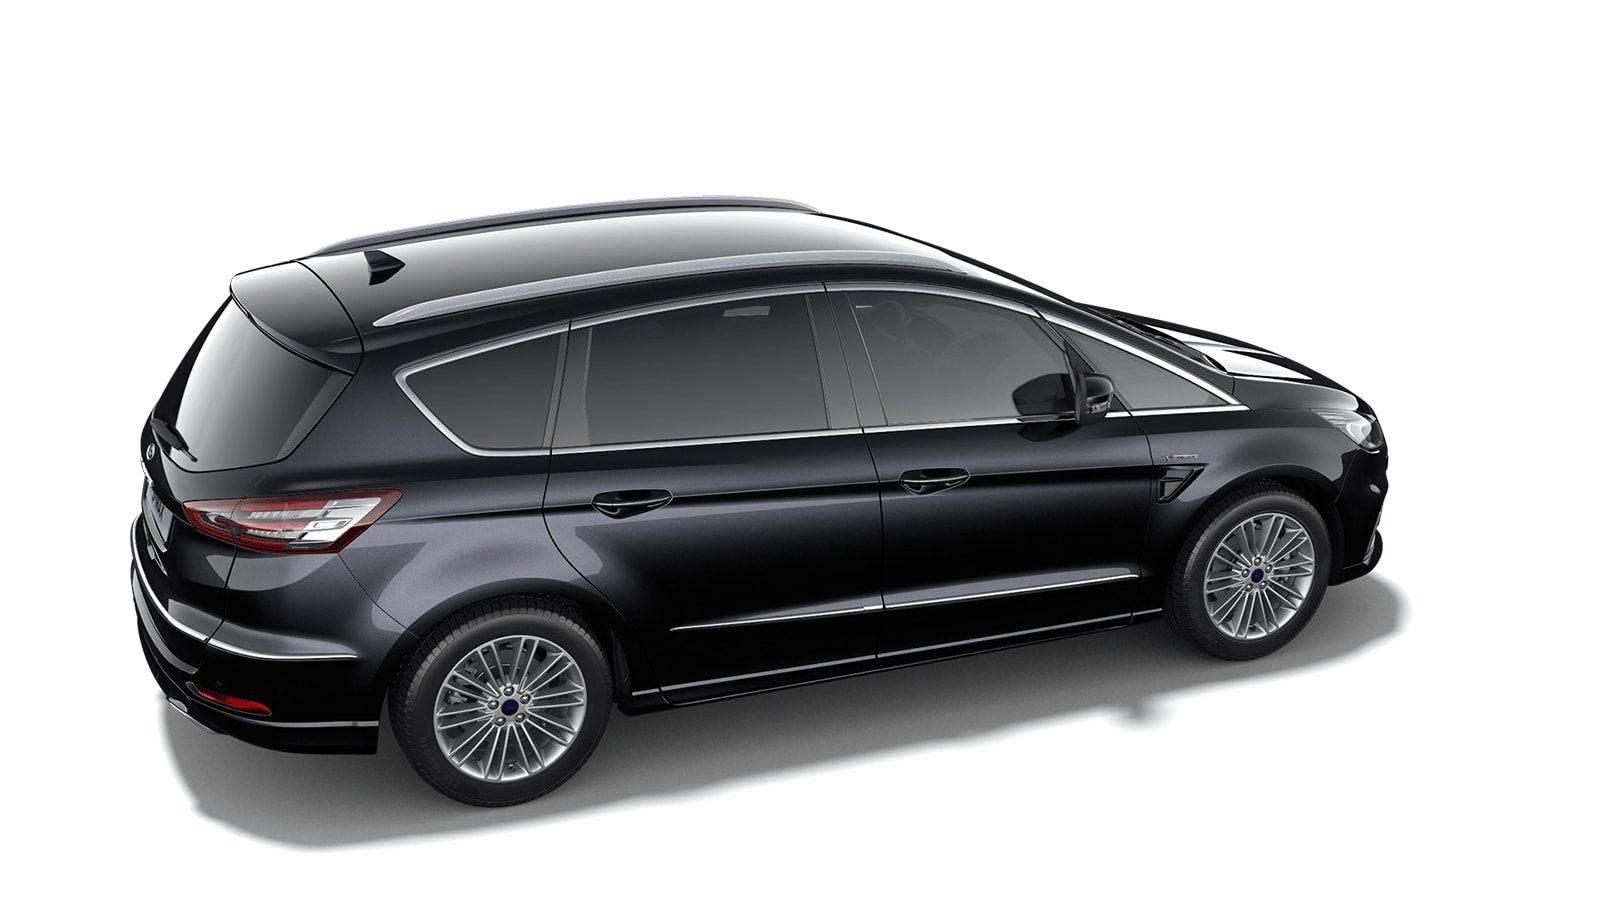 """Demo Ford S-max Vignale 2.5i HEV 190pk / 140kW HF45aut - 5d 9I6 - """"Agate Black Vignale"""" metaalkleur 3"""